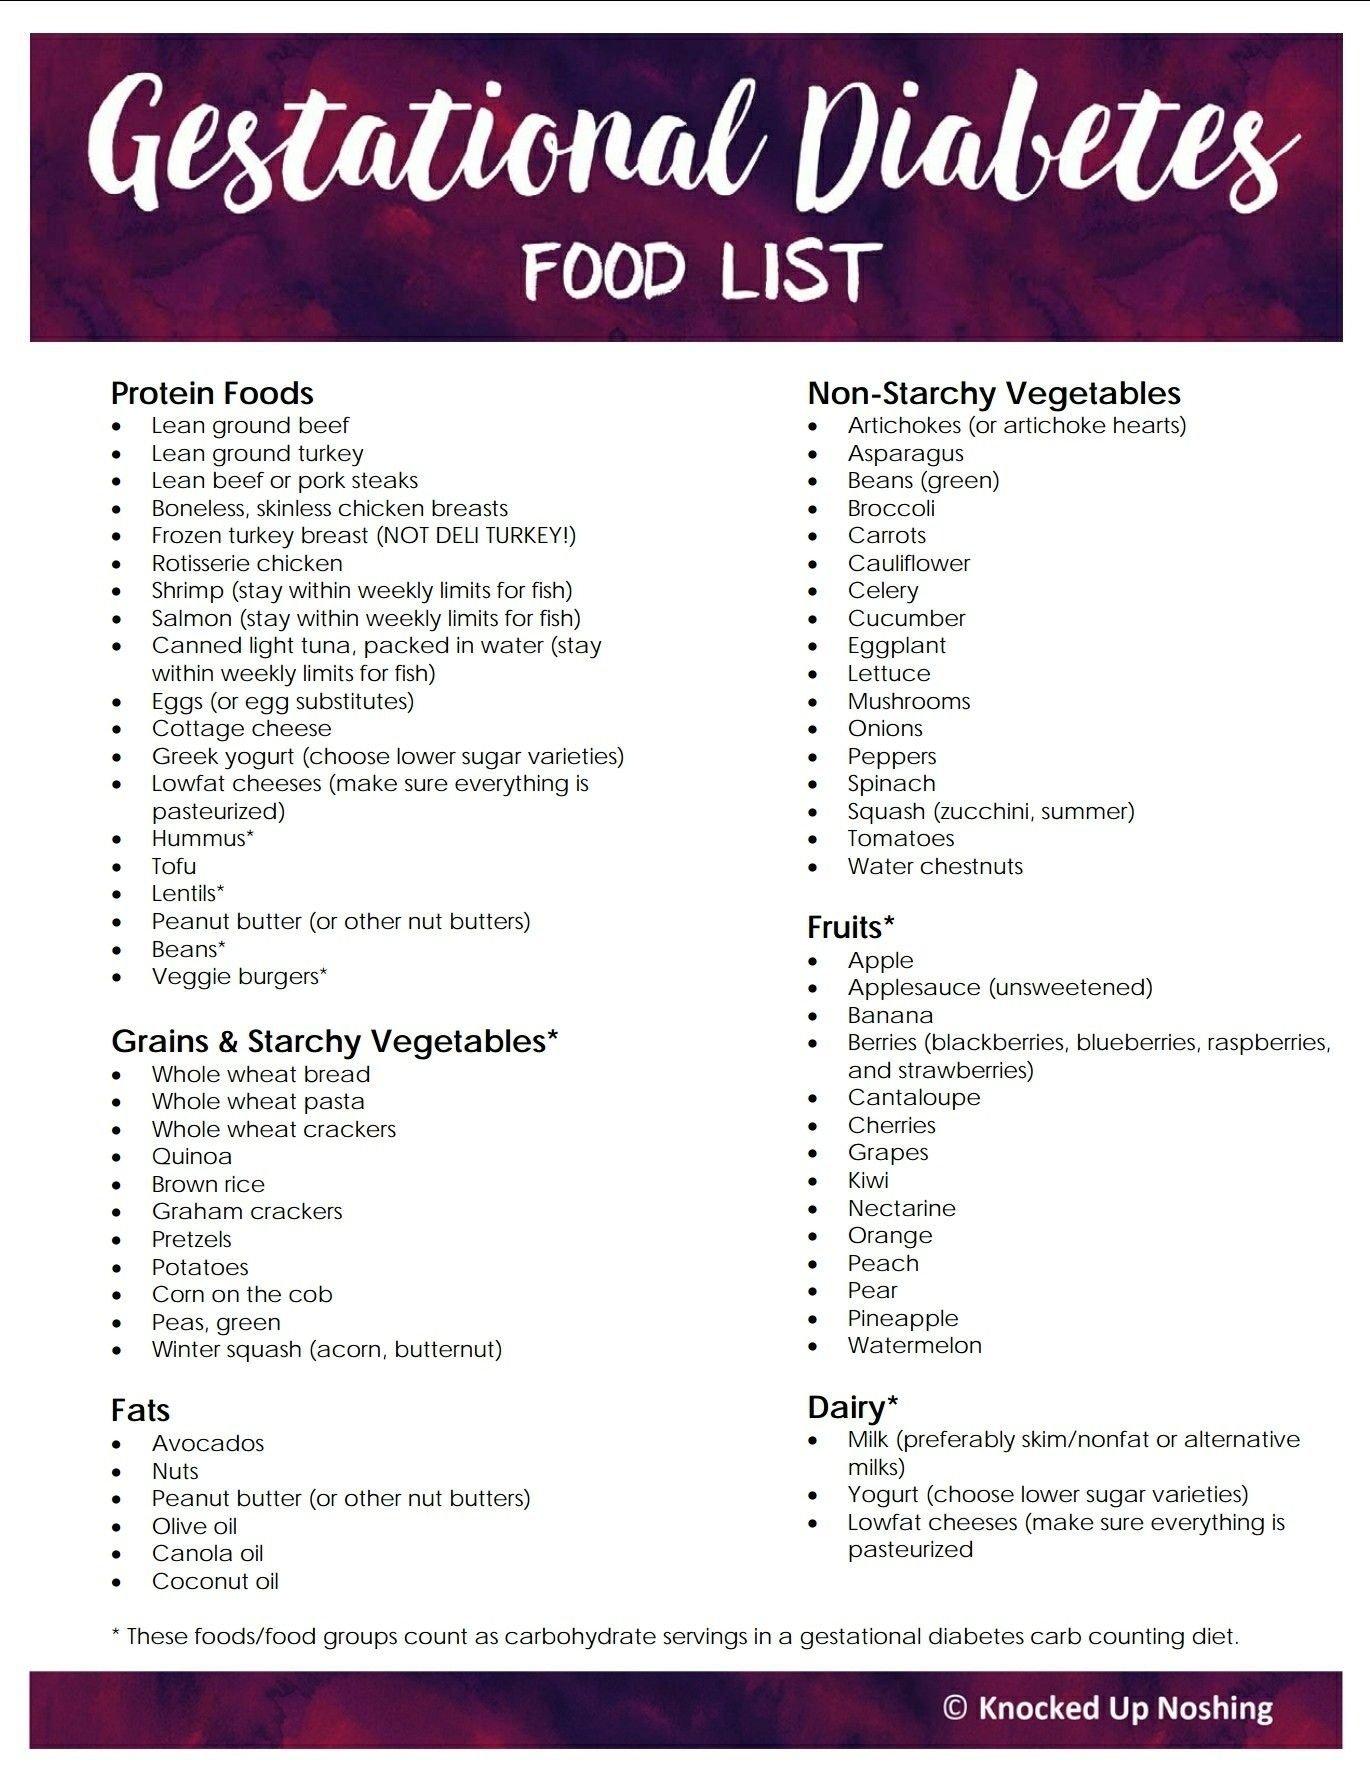 10 Lovely Gestational Diabetes Diet Menu Ideas diabetes support diabetes food gestational diabetes and diabetes 2020